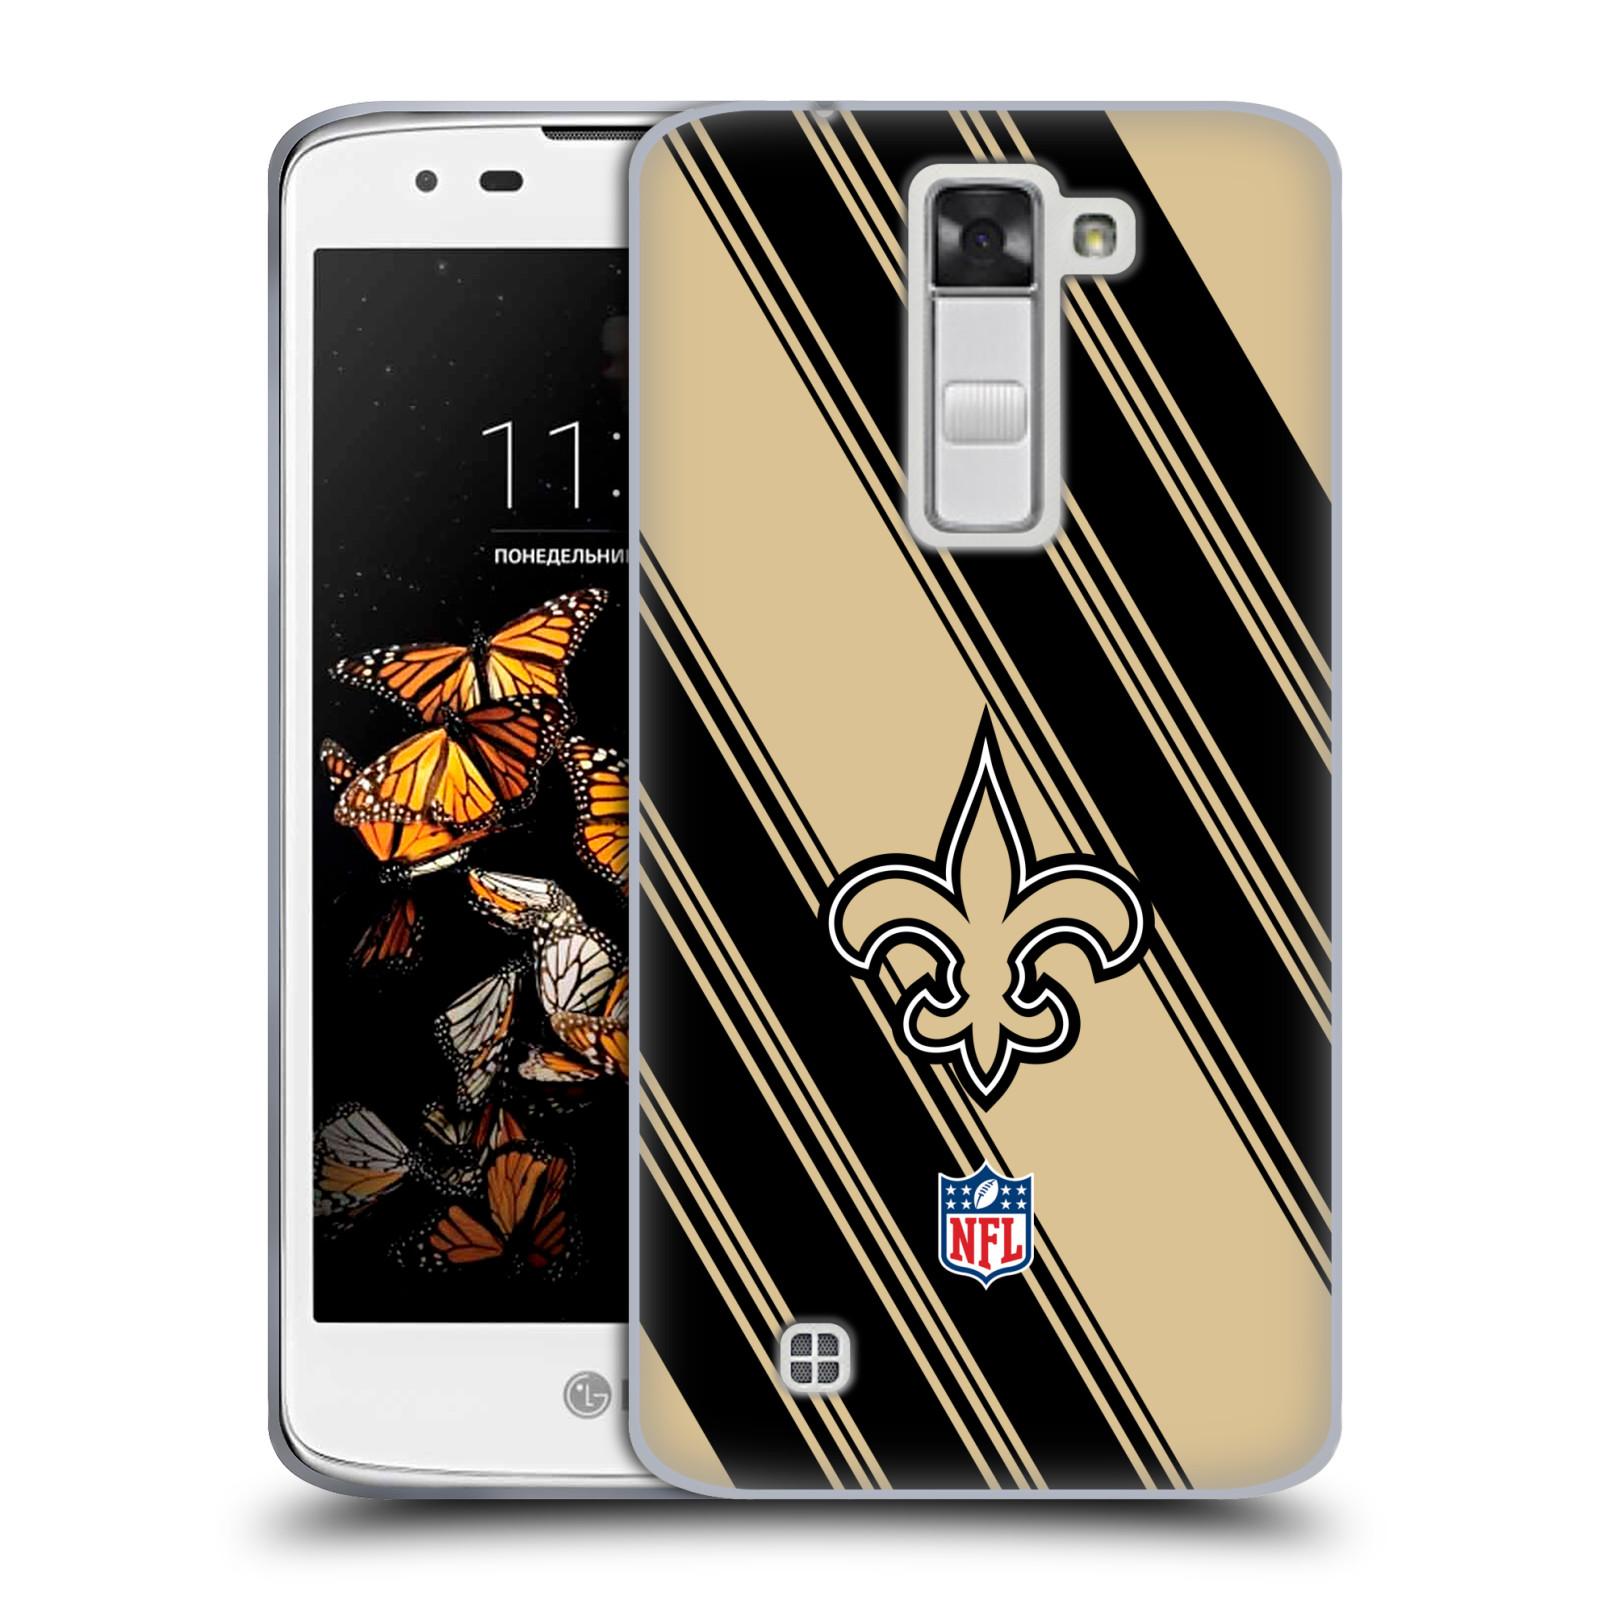 OFFICIAL-NFL-2017-18-NEW-ORLEANS-SAINTS-SOFT-GEL-CASE-FOR-LG-PHONES-2